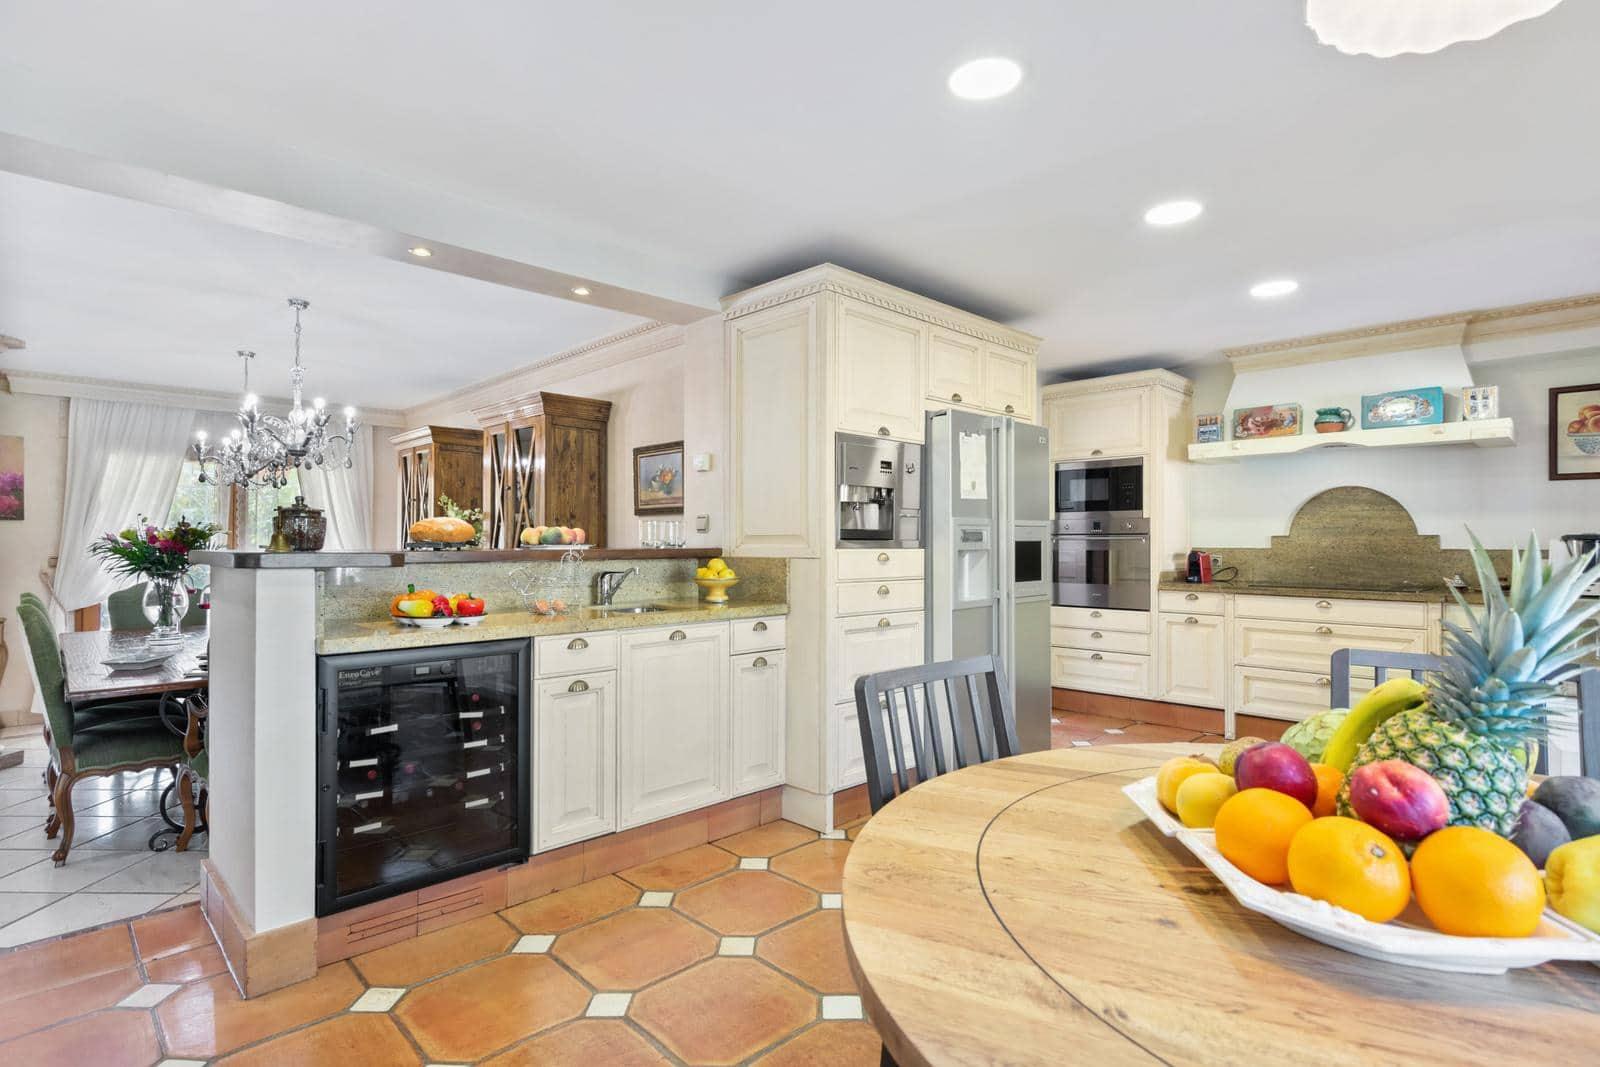 5 bedroom Villa for sale in Marbella with garage - € 1,180,000 (Ref: 4956755)